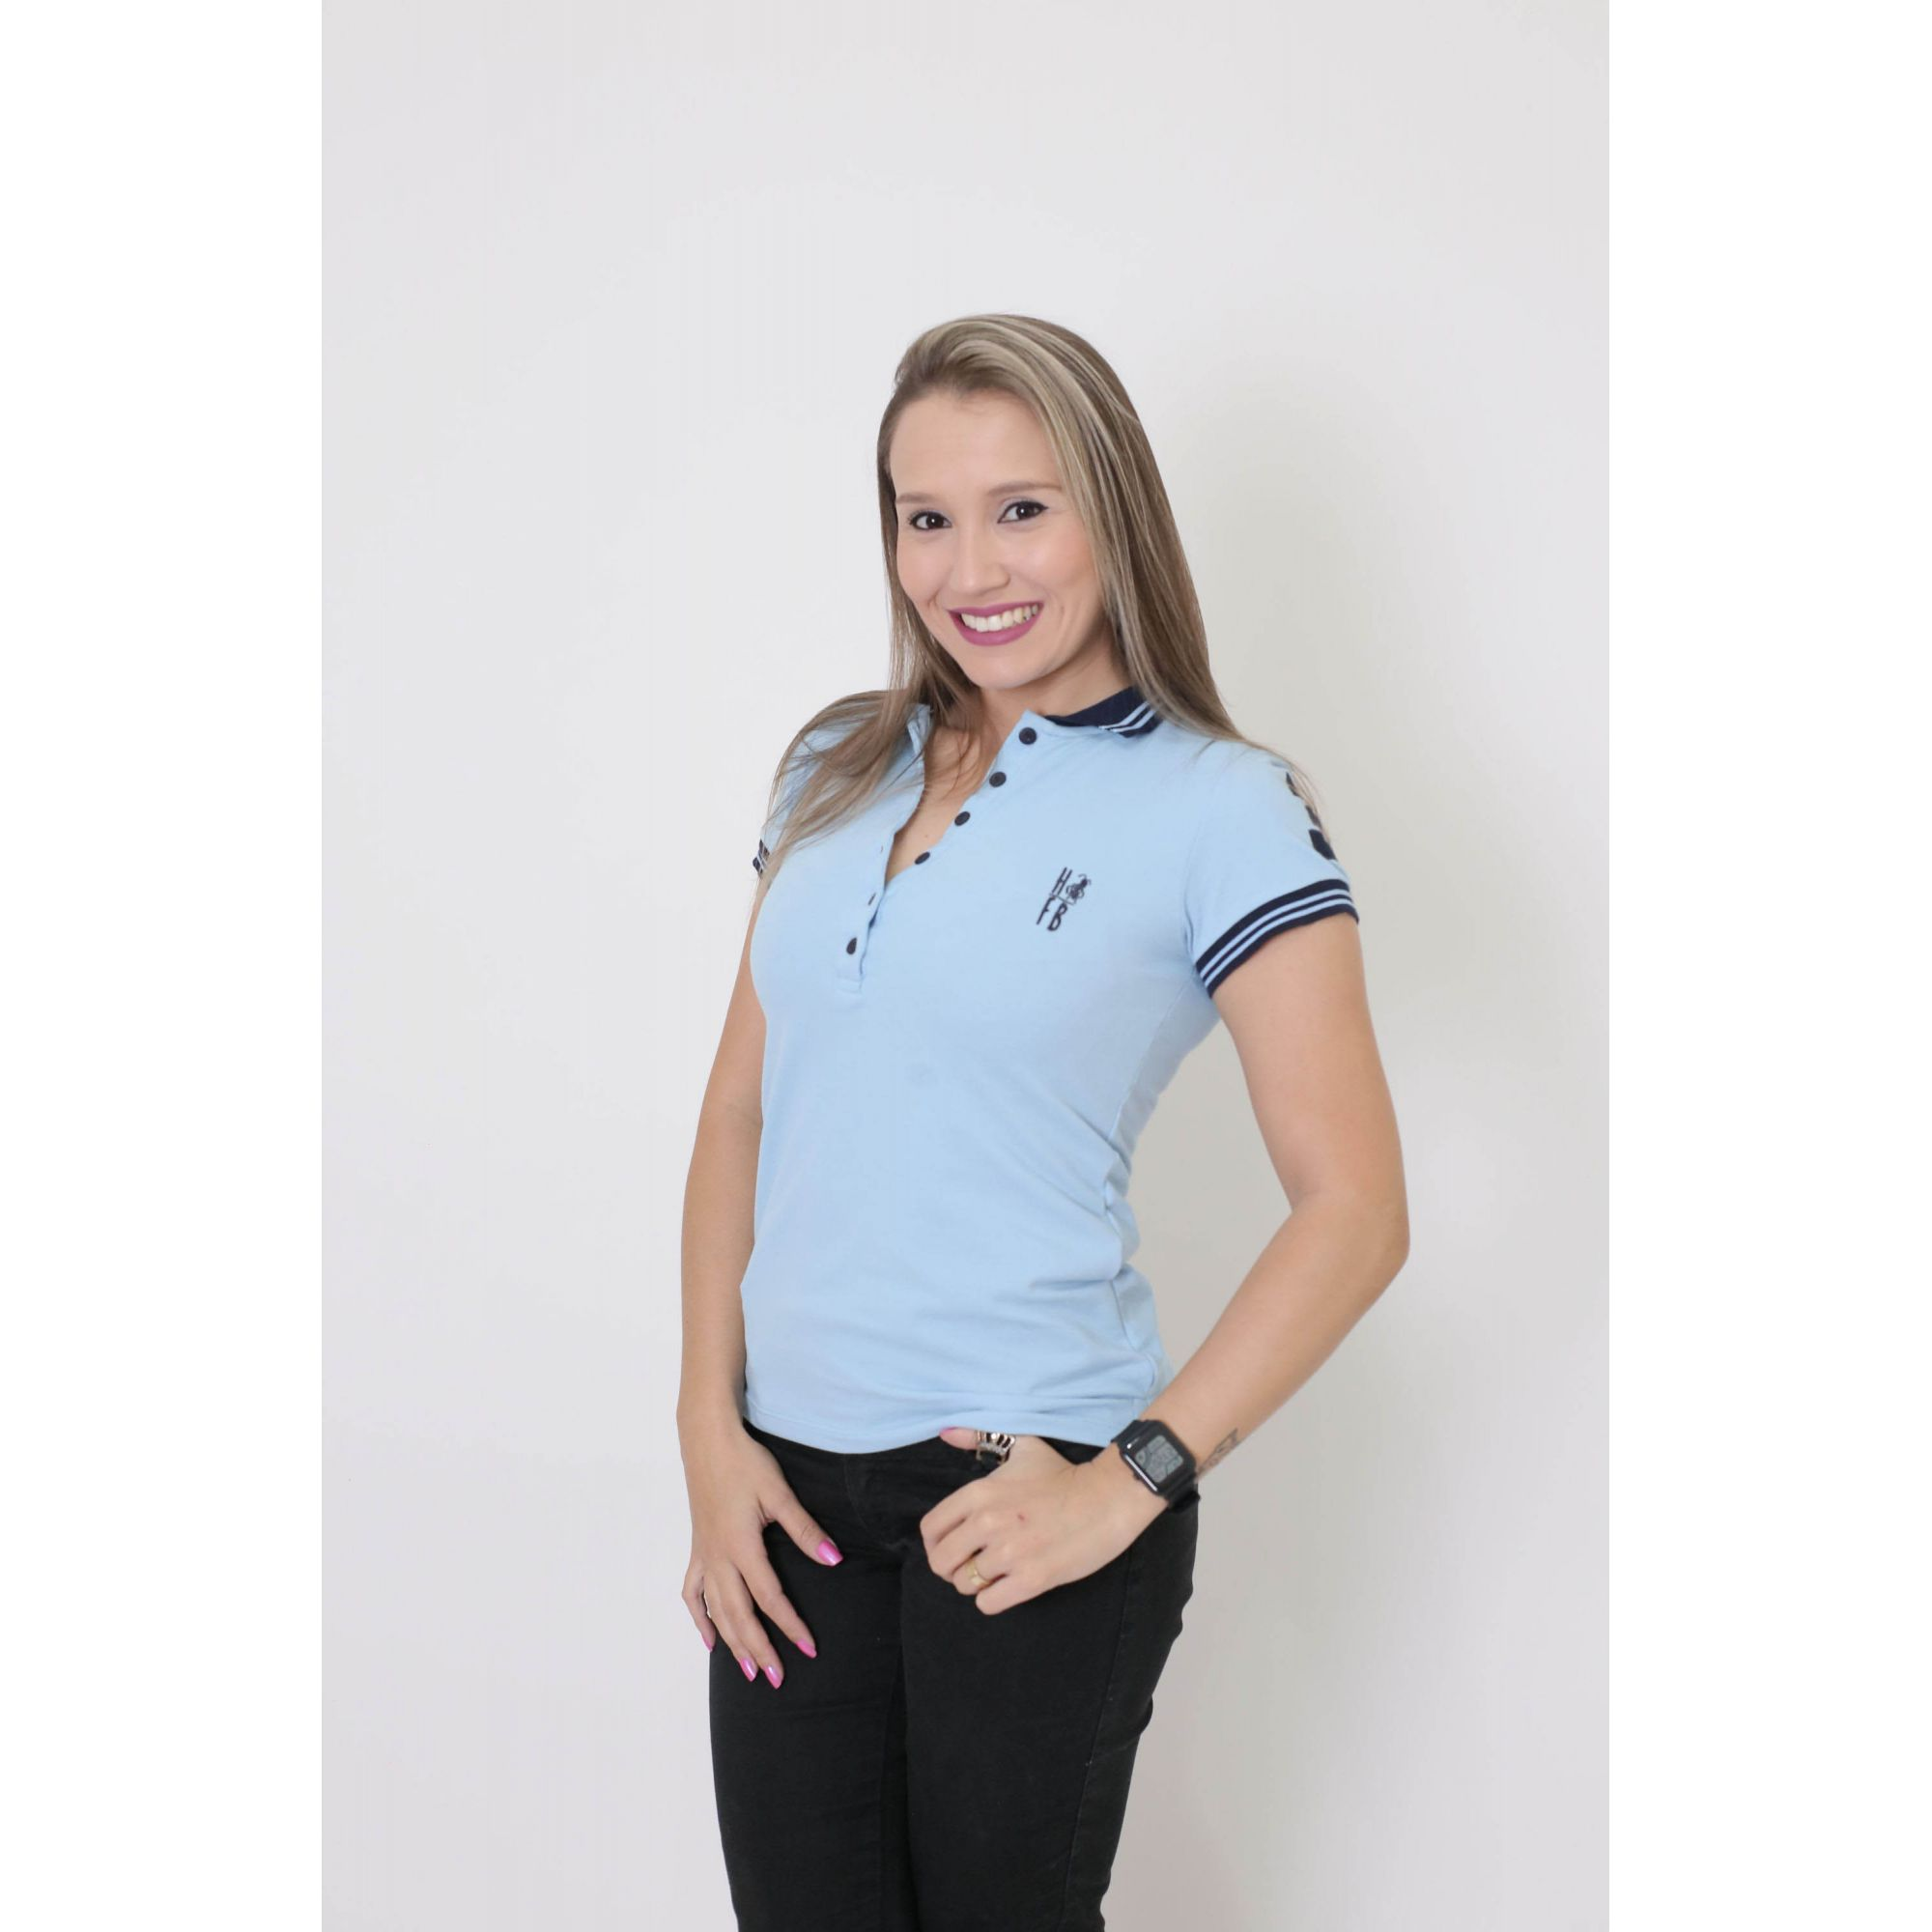 PAIS E FILHOS > Kit 3 peças Camisas + Body Polo Unissex Azul Nobreza [Coleção Família]  - Heitor Fashion Brazil